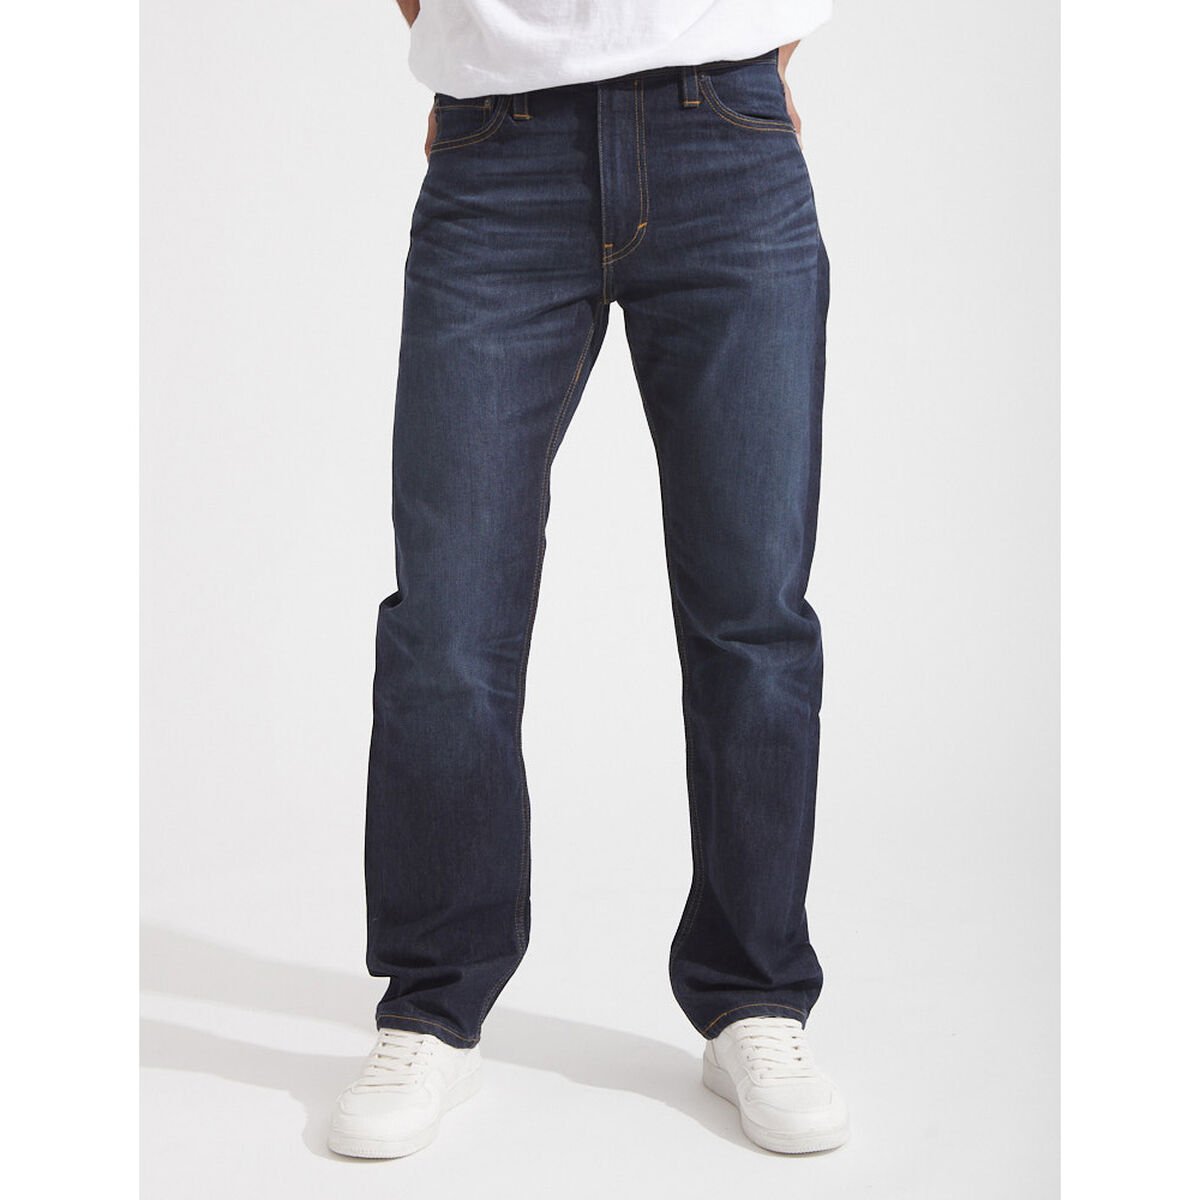 Jeans Hombre Levis 501